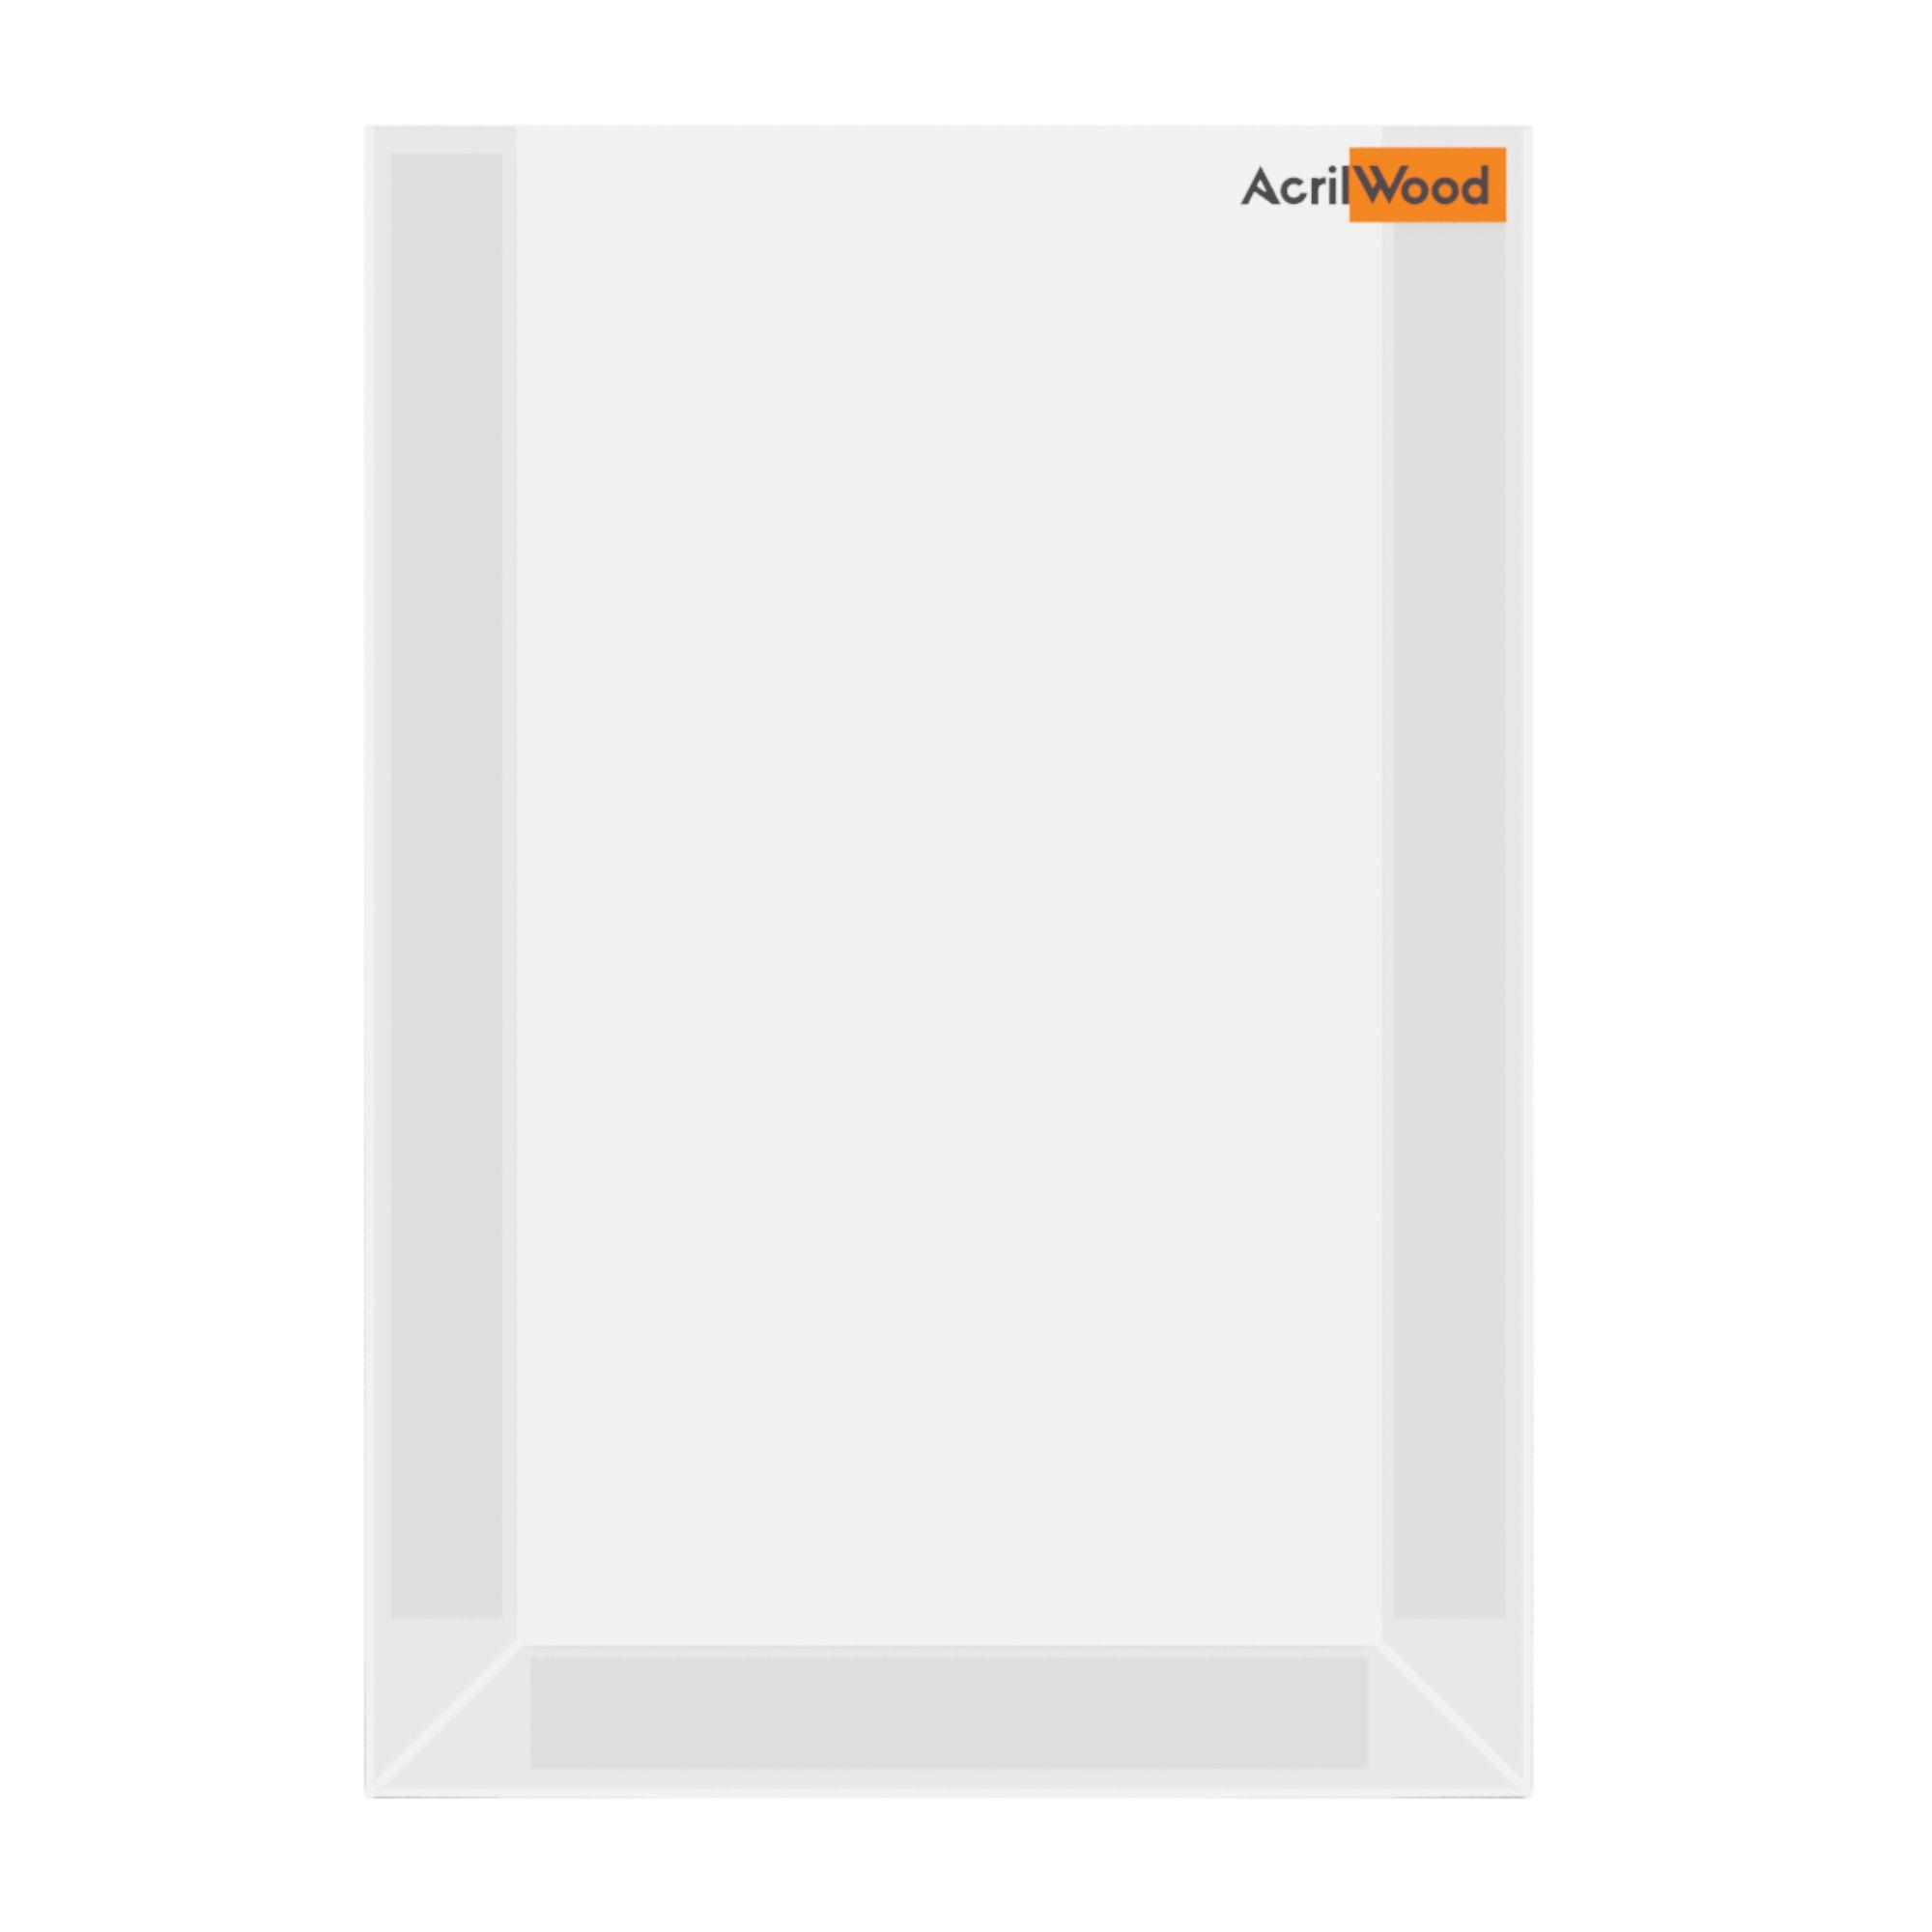 Display De Parede Em Acrílico Formato A4 Vertical Sem Fundo